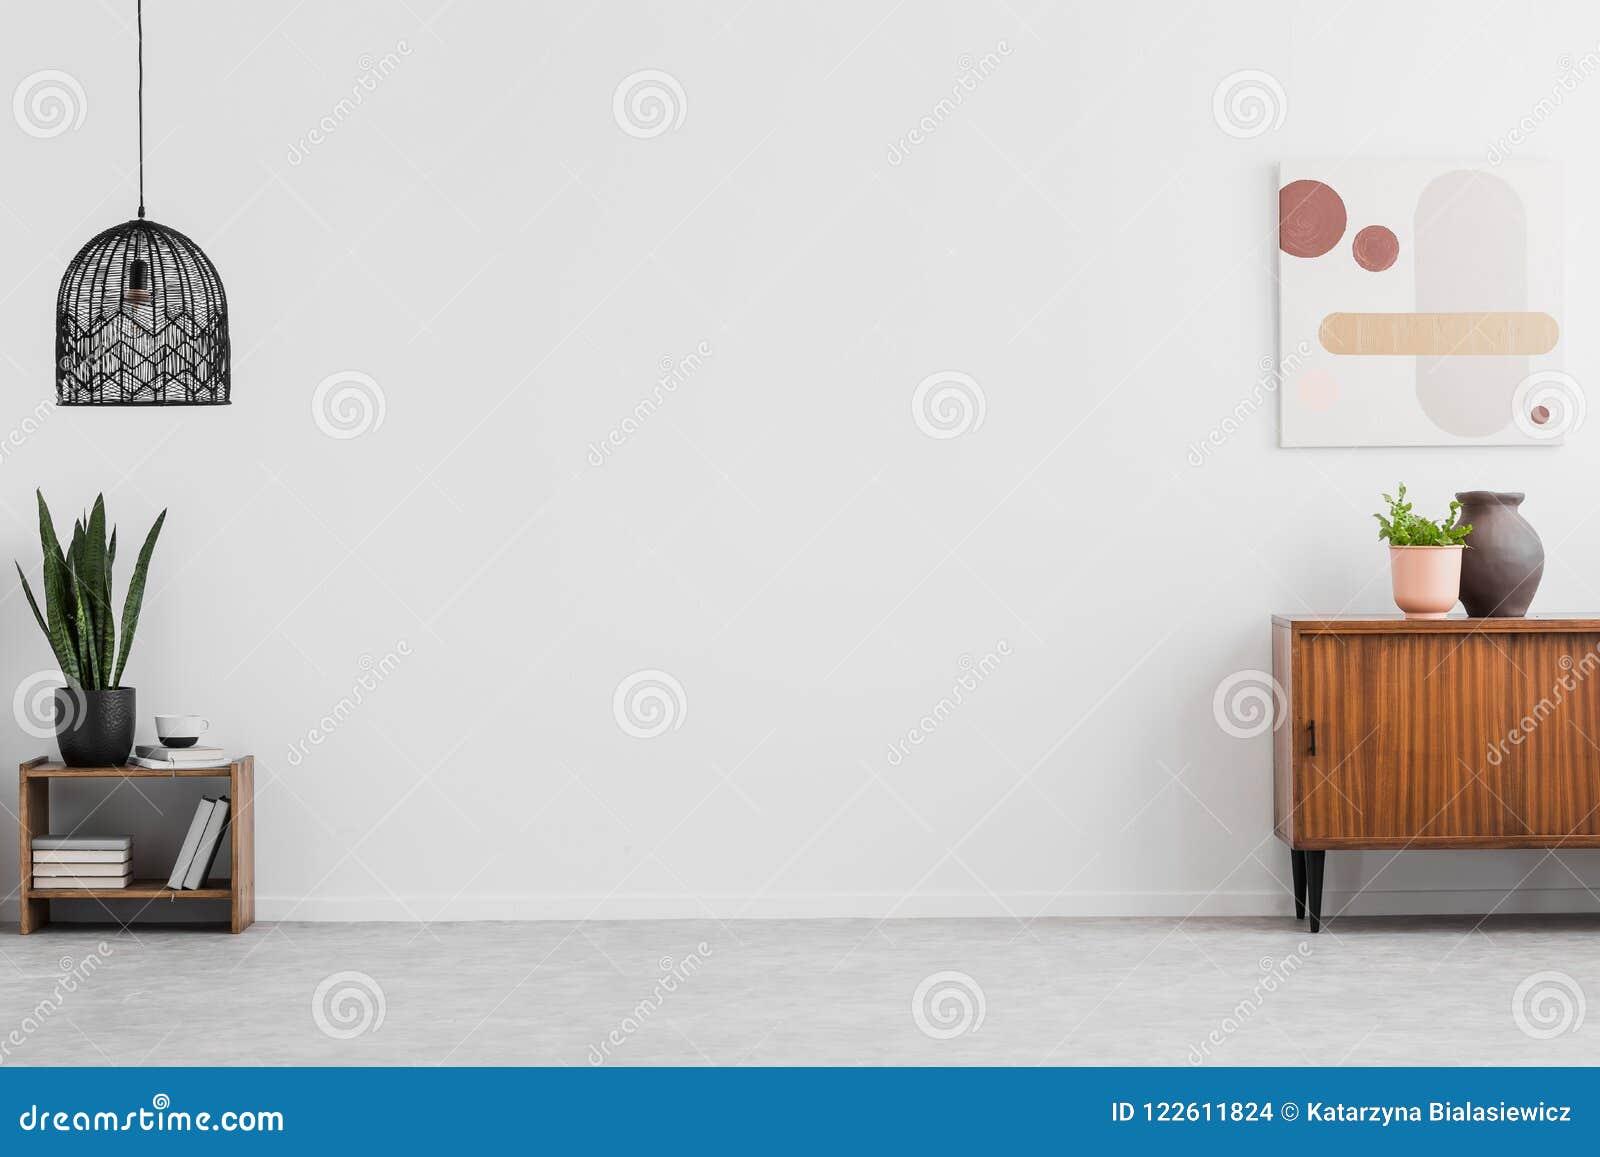 Retro, drewniany gabinet, obraz w pustym żywym izbowym wnętrzu z biel ścianami i kopii przestrzeni miejsce dla kanapy Istna fotog